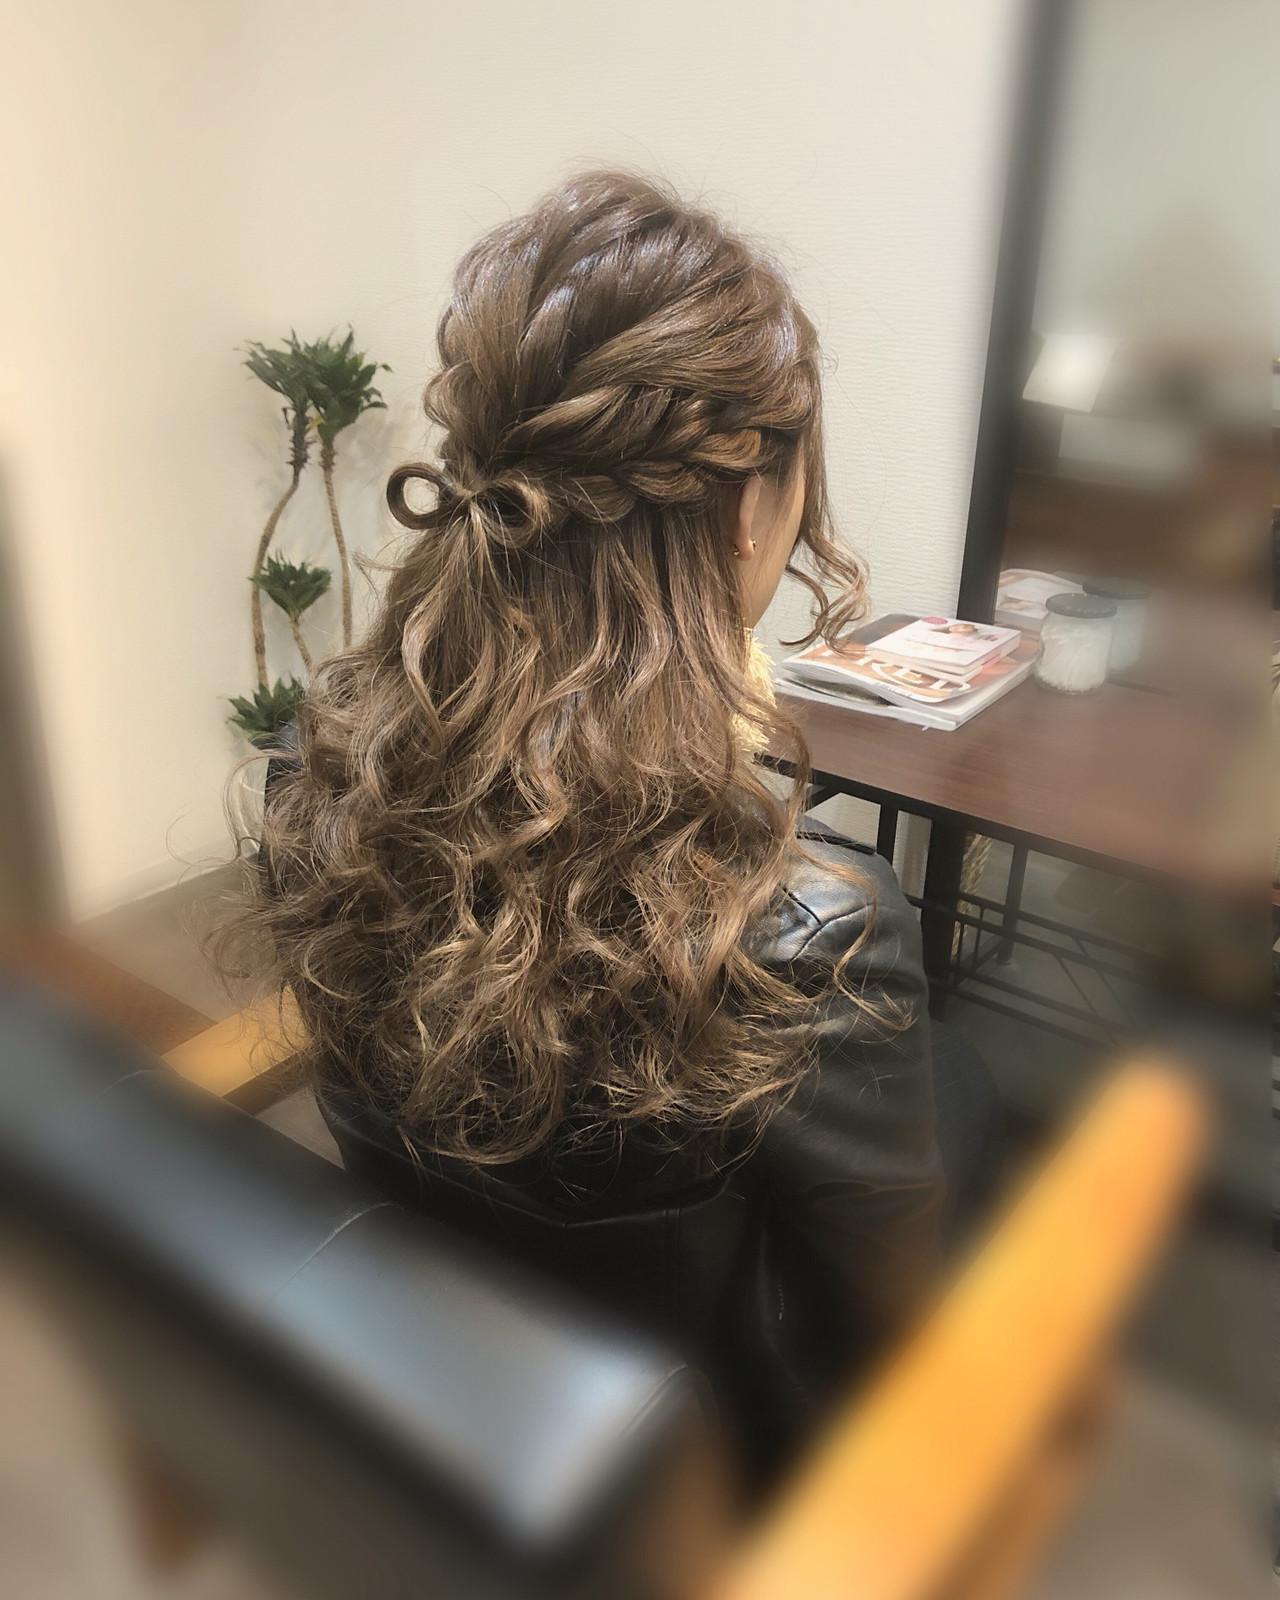 ハーフアップ リボンアレンジ ヘアアレンジ ガーリー ヘアスタイルや髪型の写真・画像